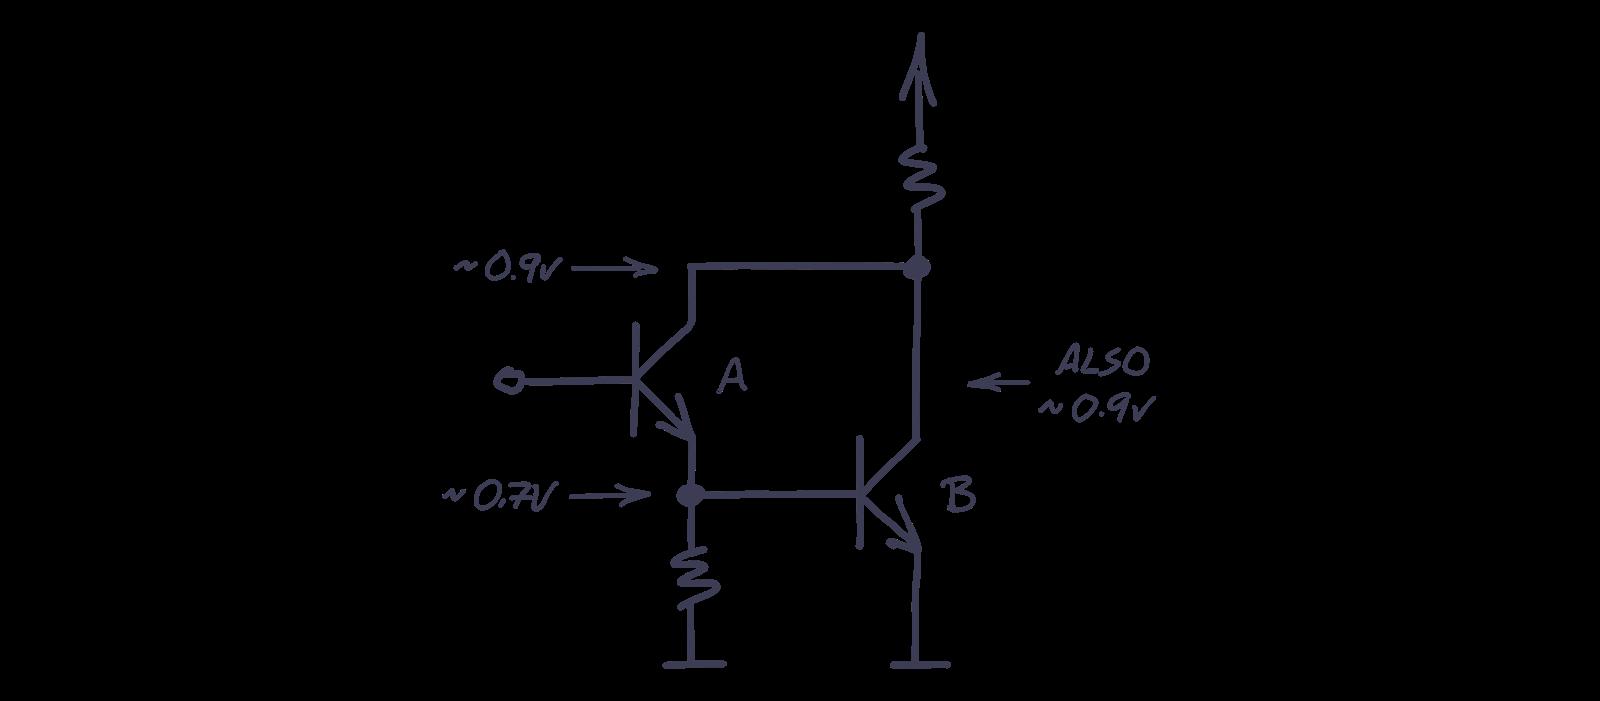 components_bjt-darlington-03.png